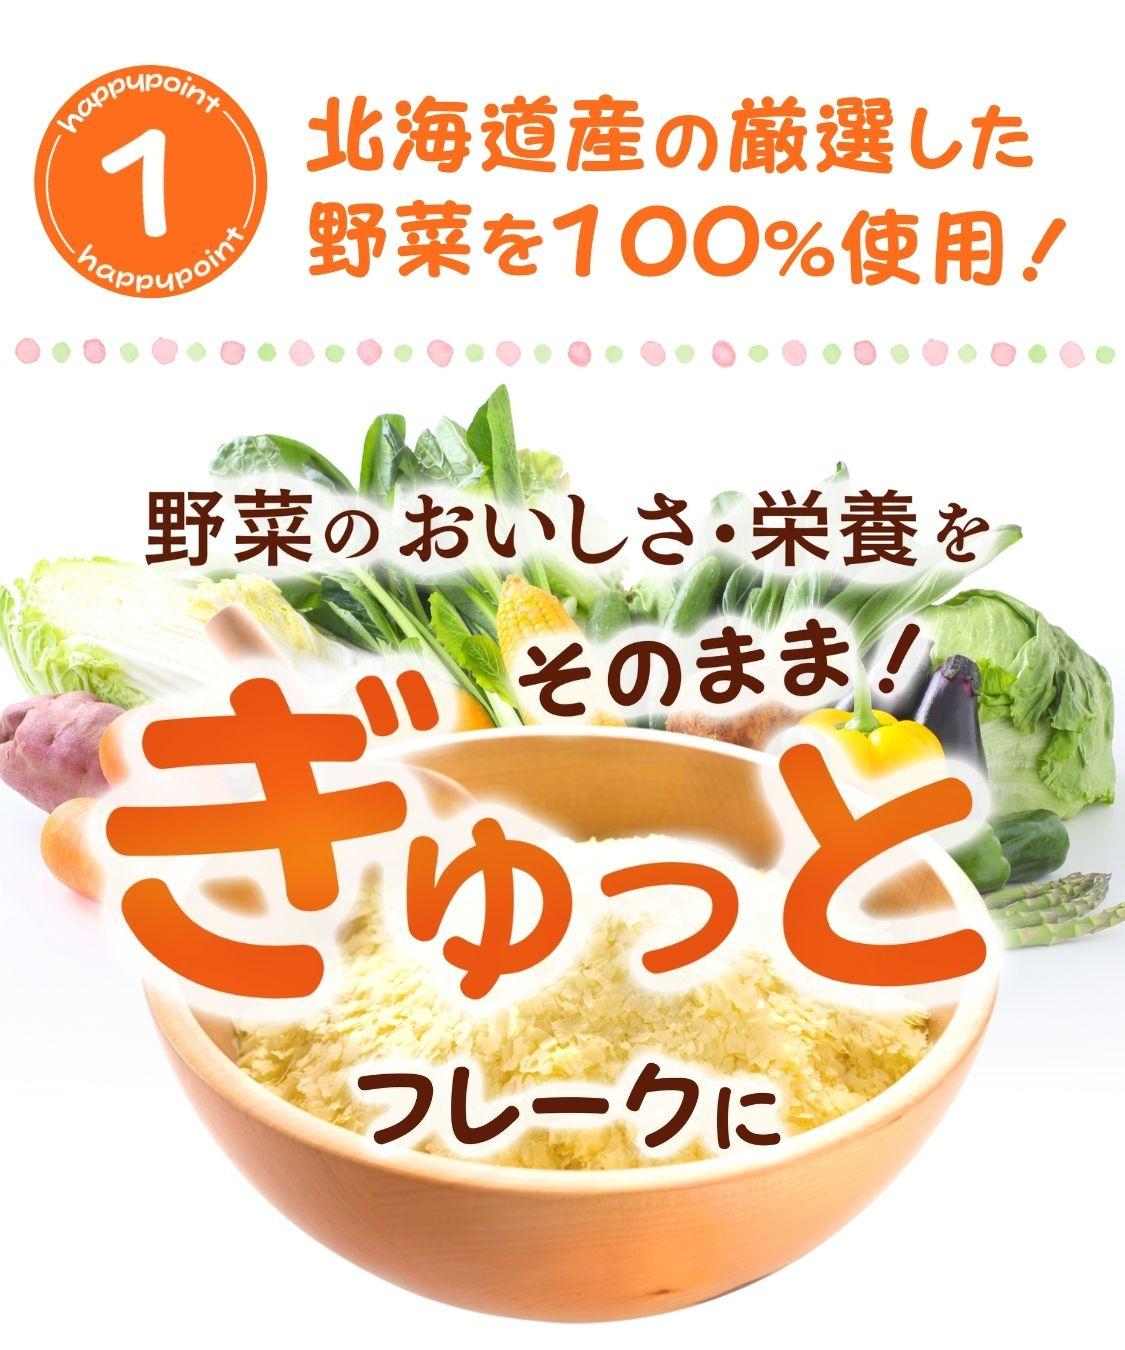 北海道産の厳選した野菜を100%使用 野菜のおいしさ・栄養をそのままぎゅっとフレークに